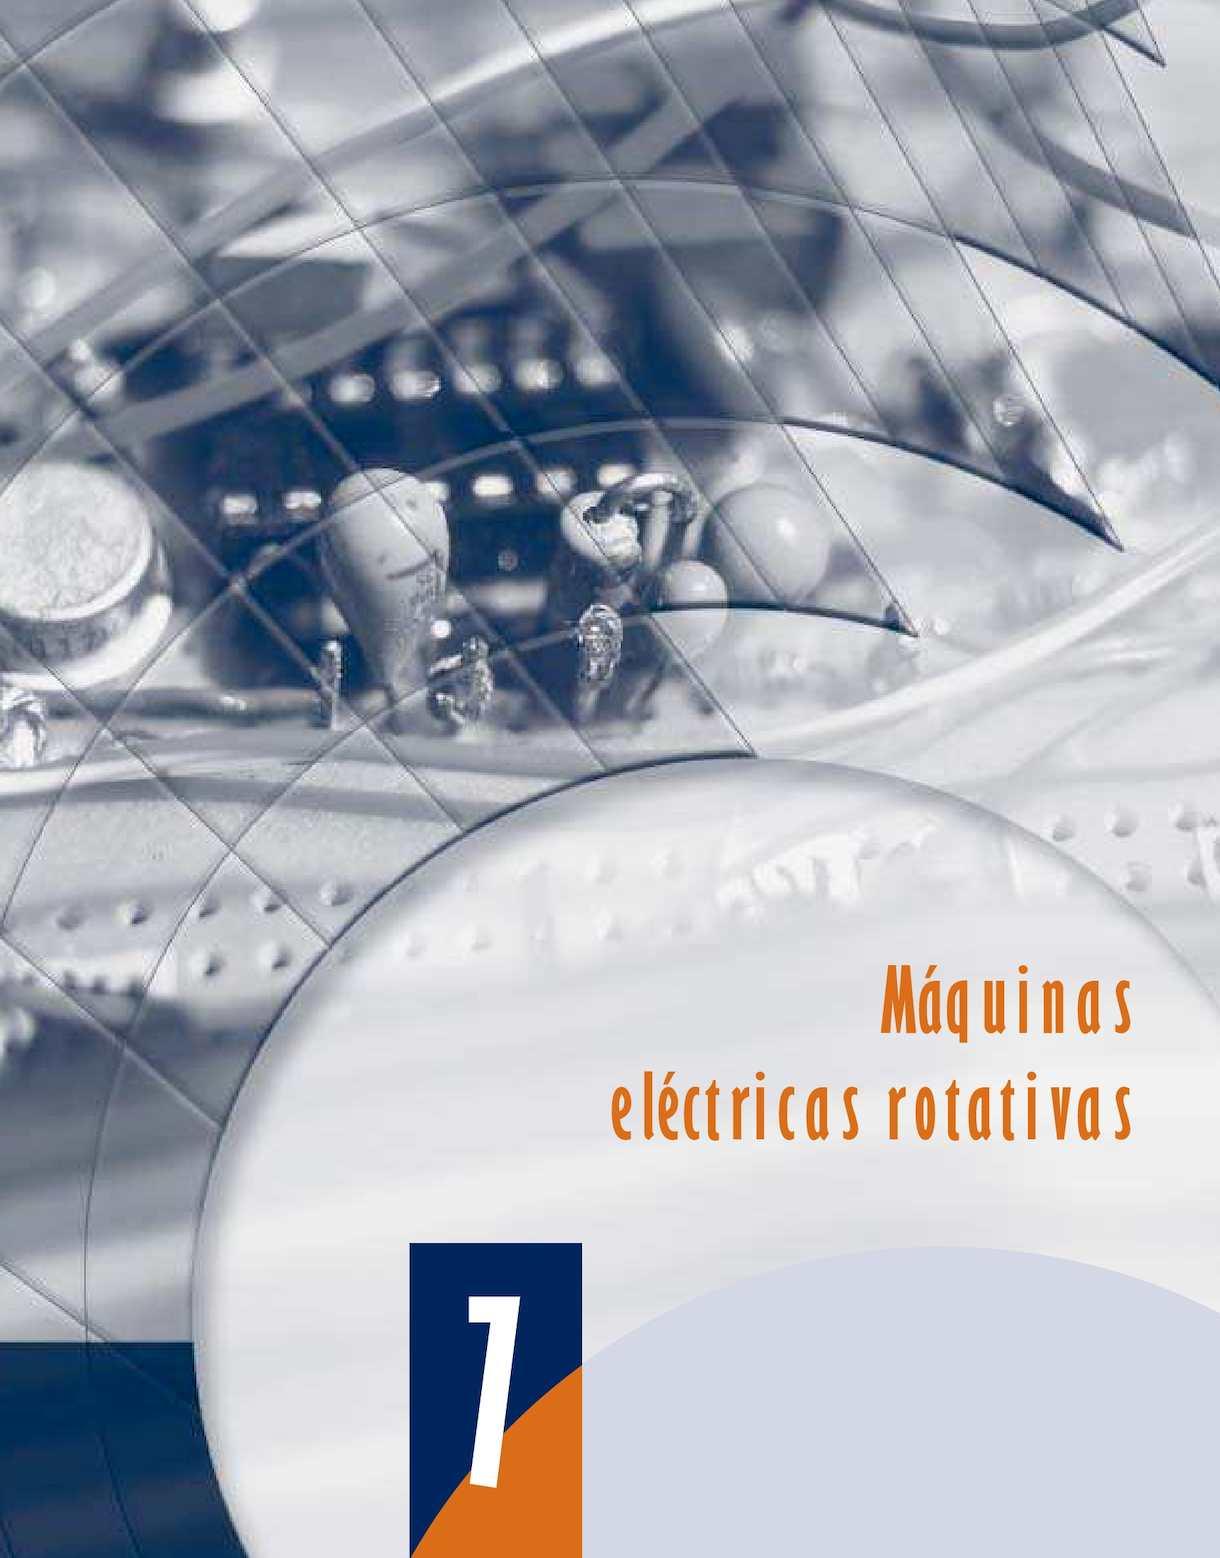 MAQUINAS ELECTRICA ROTATIVA - VAF